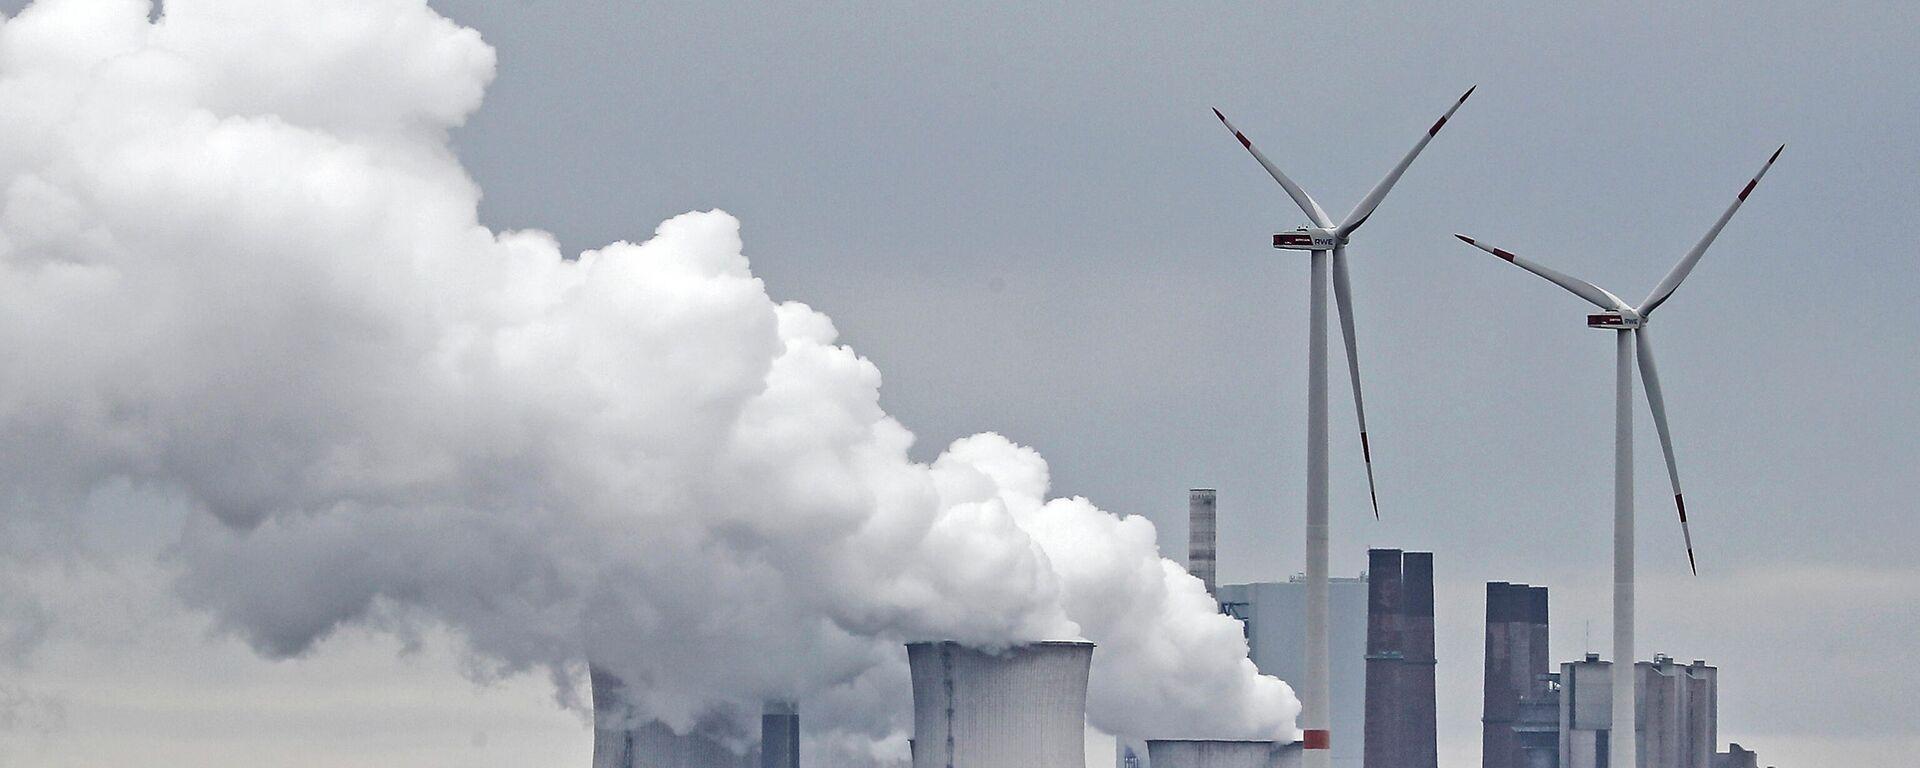 Ein Kohlekraftwerk in der Nähe des Kohletagebaus Garzweiler  - SNA, 1920, 05.07.2021